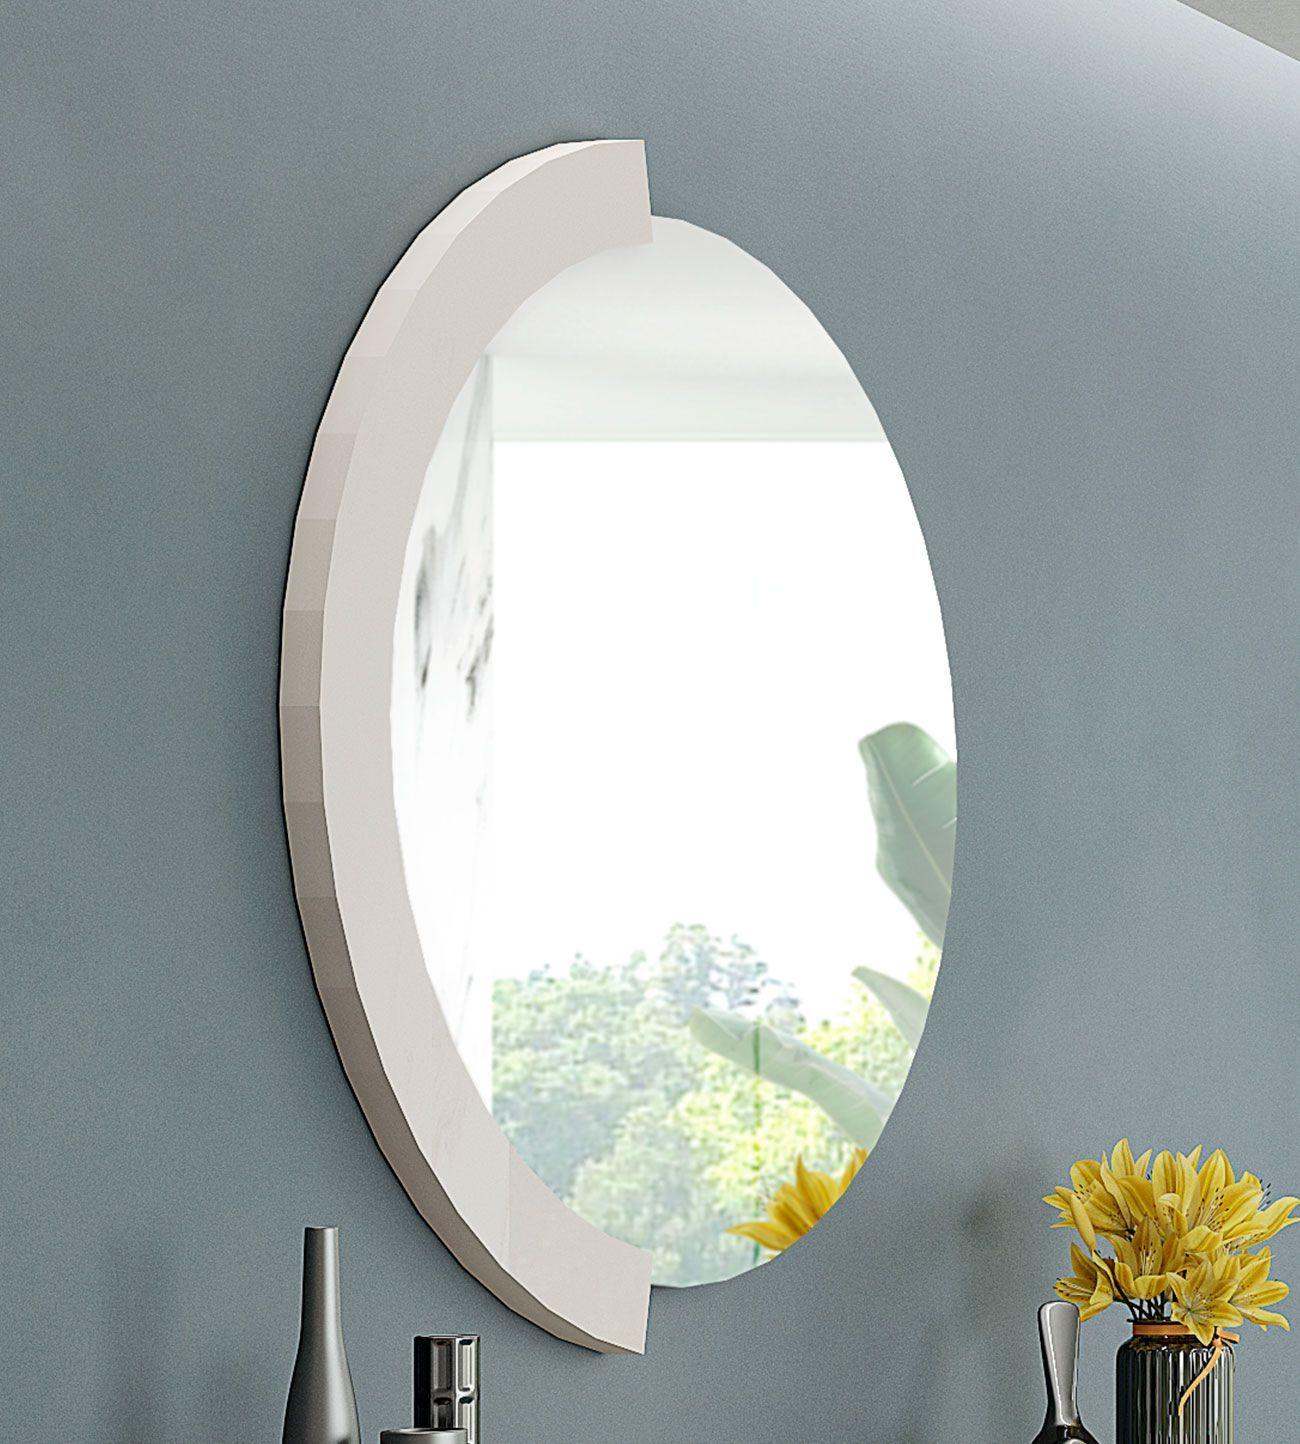 Moldura John, Espelhos de Quartos Graça Interiores